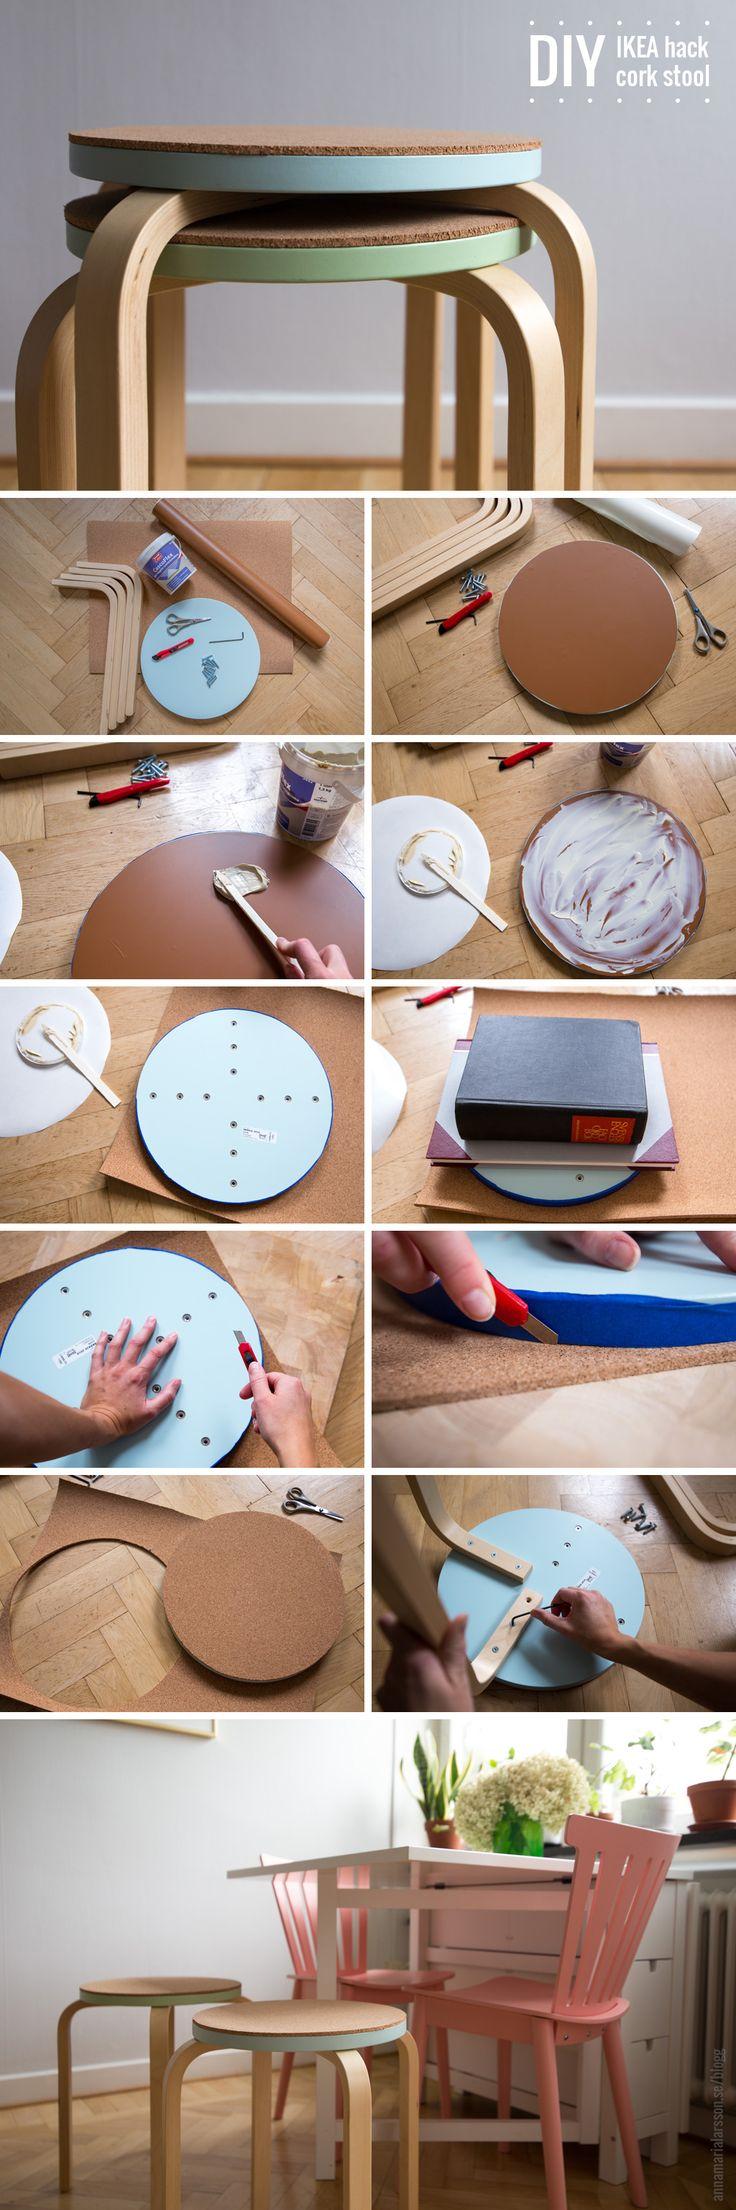 Banqueta de corcho estilo IKEA - Muy Ingenioso